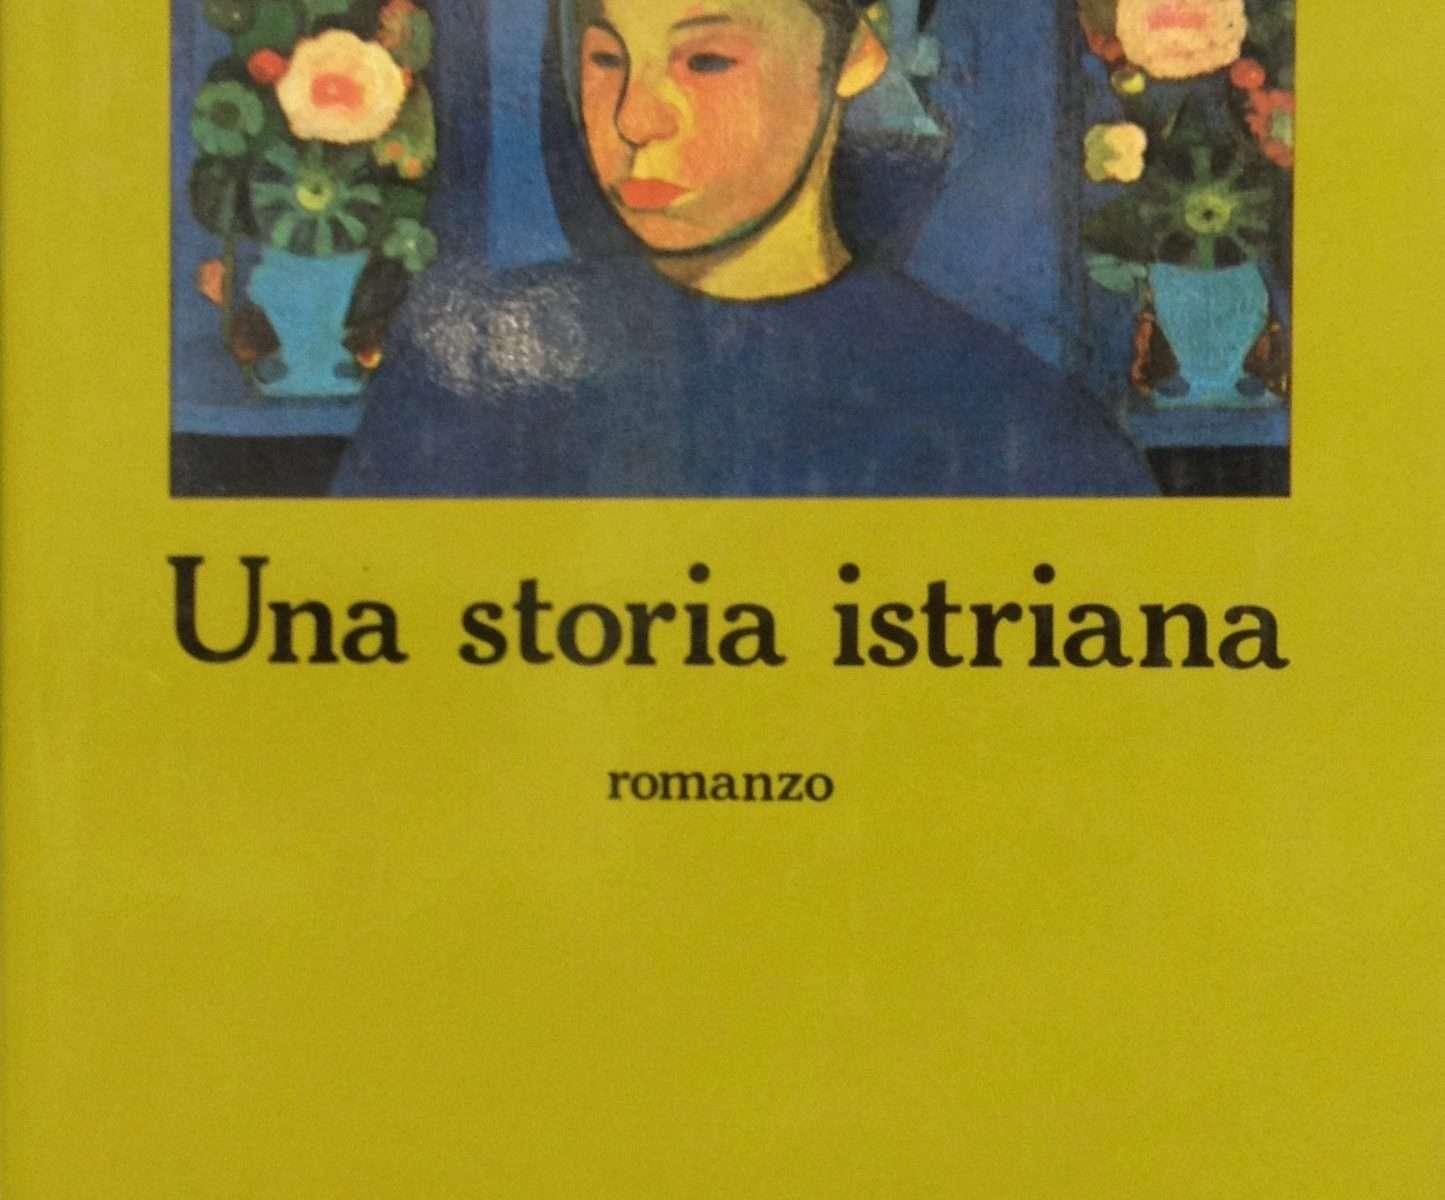 UNA STORIA ISTRIANA  <BR/> Diego Zandel